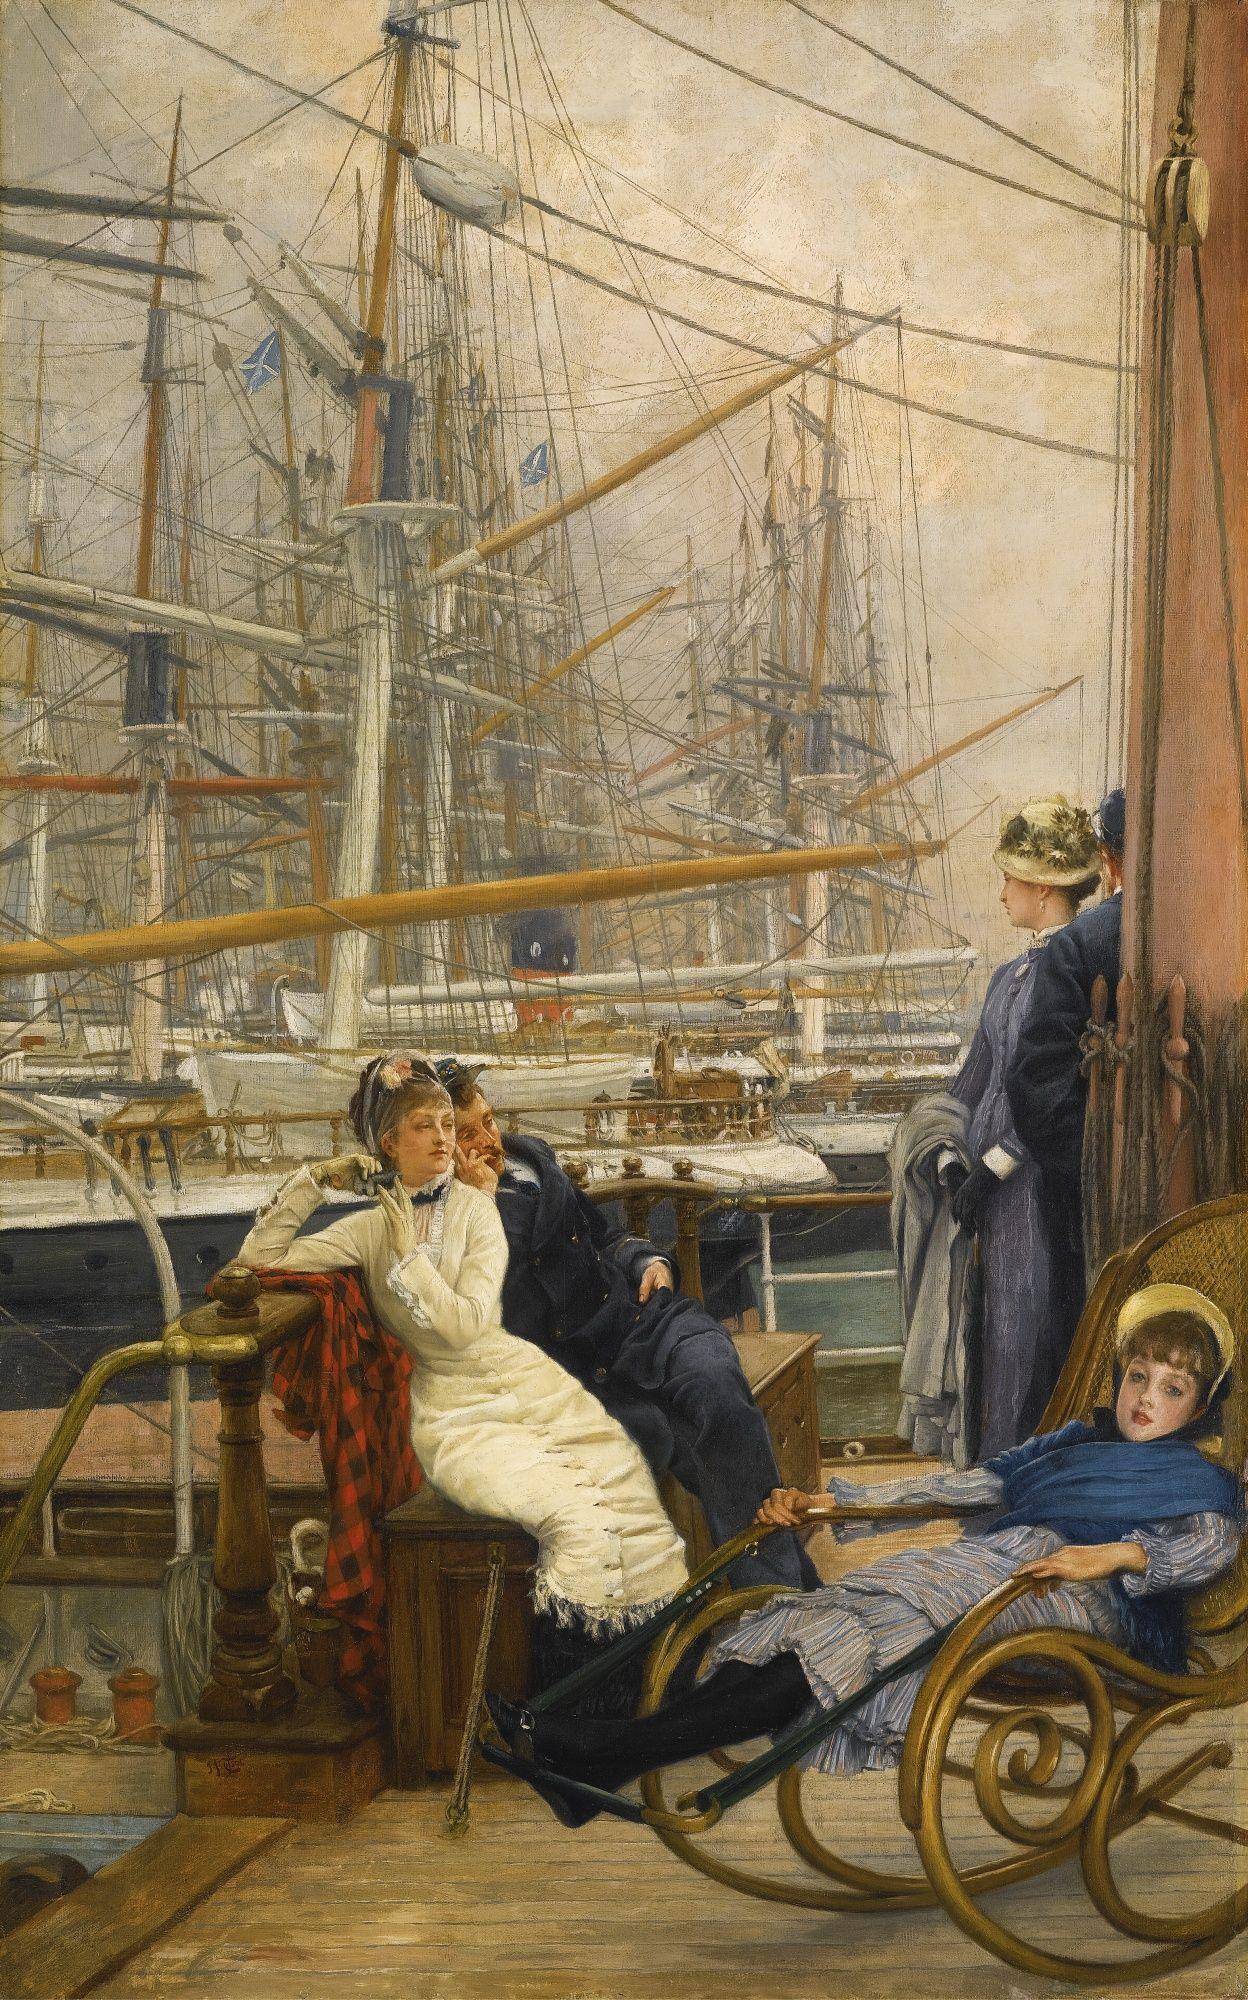 James Tissot 1836 - 1902 A VISIT TO THE YACHT (LA VISITE AU NAVIRE) signed l.l…